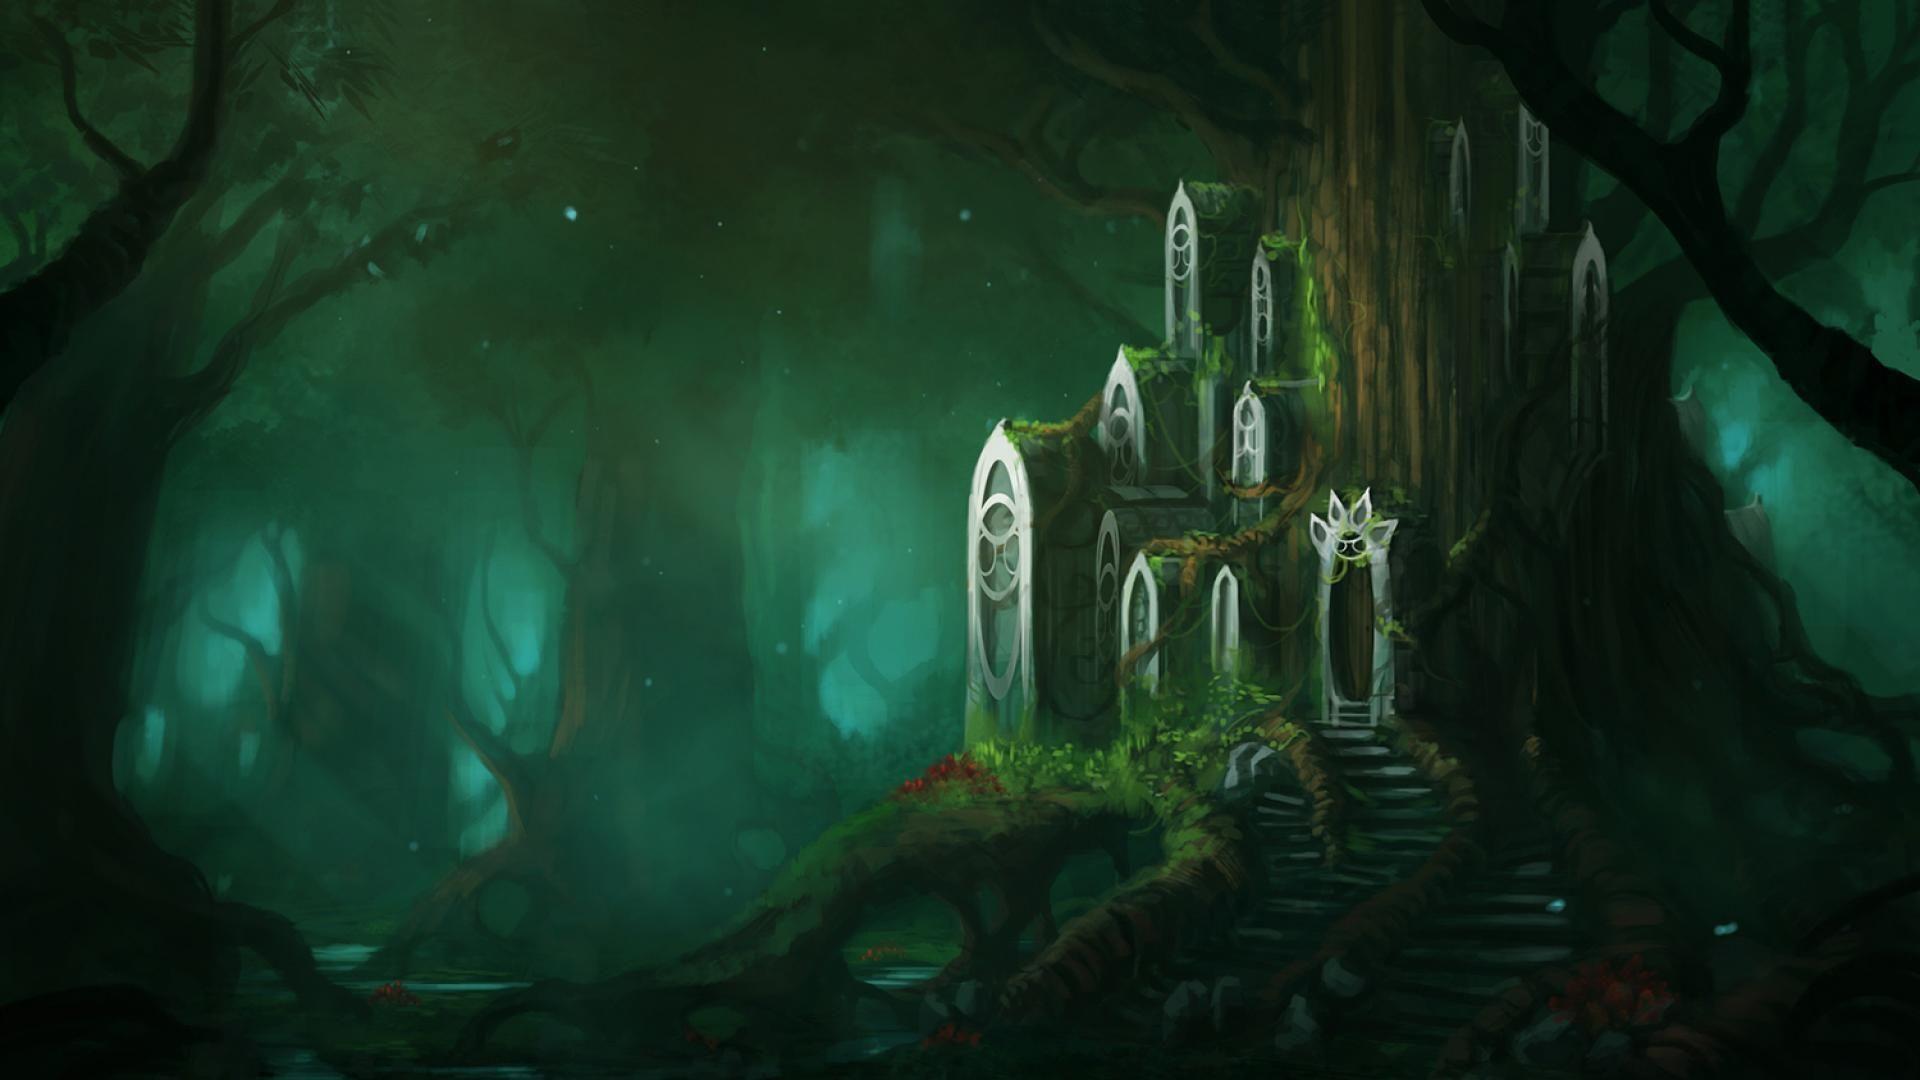 Fantasy Wallpaper Fantasy Forest Forest Wallpaper Fantastic Forest